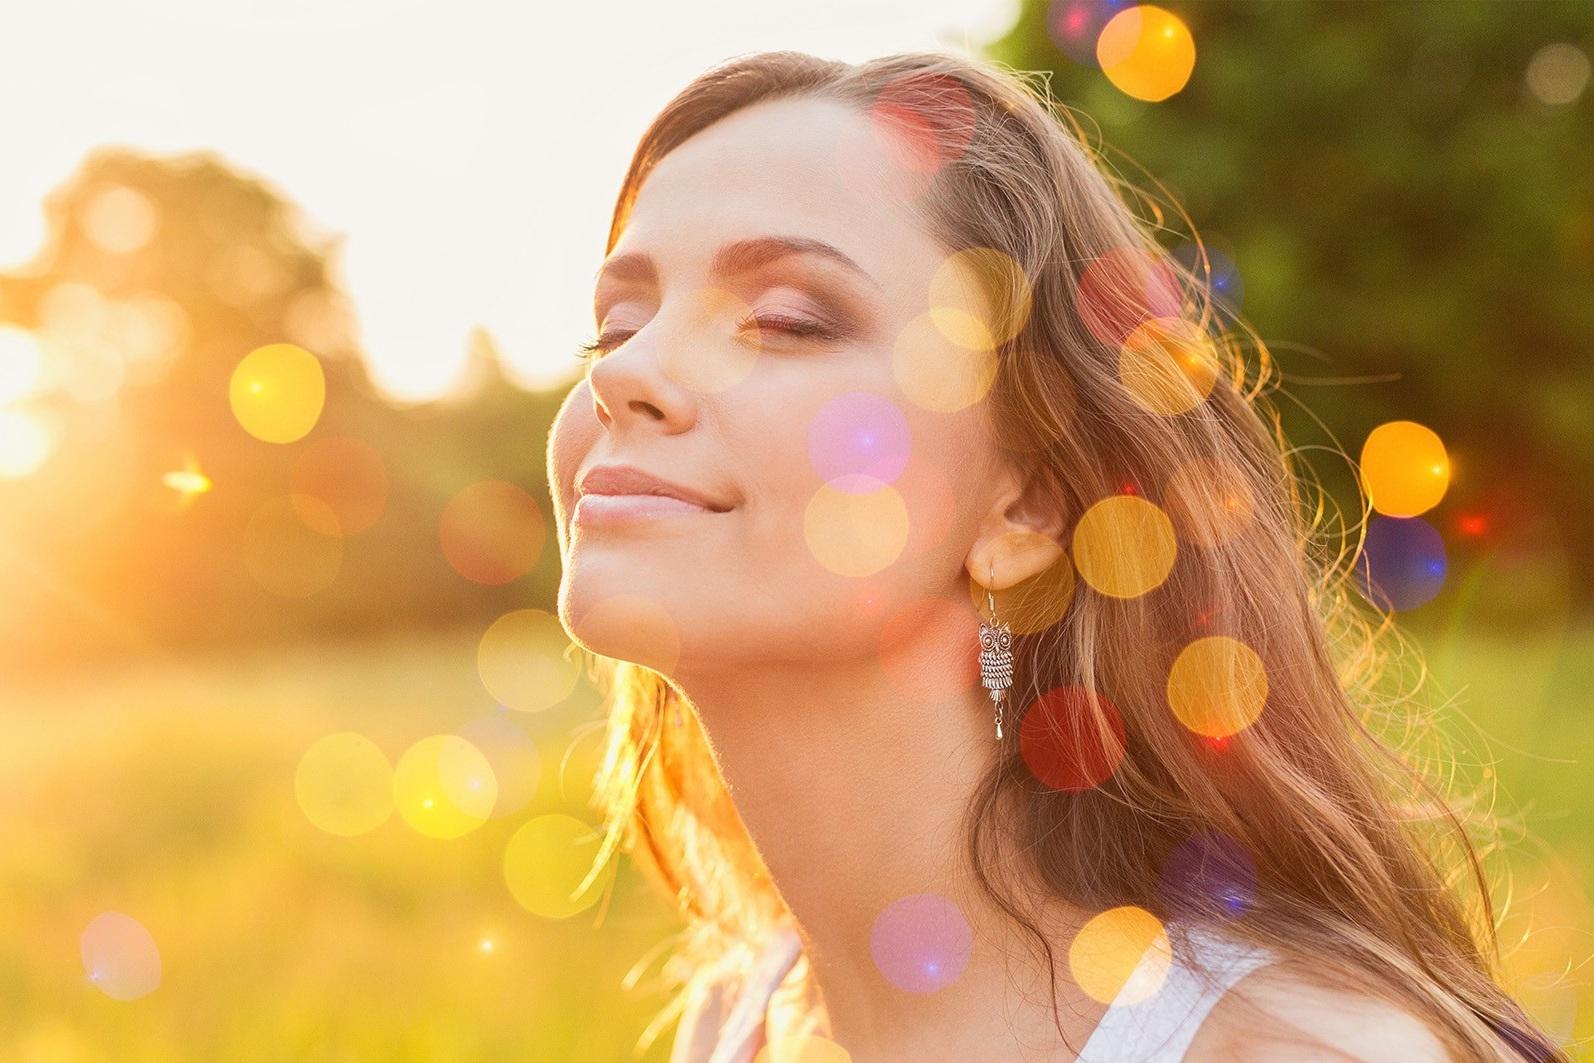 Angebot für Privatpersonen - Chronisch unzufrieden, gestresst und krank? Arbeiten Sie jede Woche nur auf das Wochenende hin? Sind Sie ständig auf der Suche nach dem persönlichen Glück?Machen wir uns auf die Suche nach Ihrem ganz persönlichen Glück! Mithilfe von diversen «Werkzeugen» begleite und unterstütze ich Sie in der Auseinandersetzung mit Ihrer Lebensfreude und Ihrem Lebenssinn. Gemeinsam schauen wir, was Ihrem Glück im Wege steht. Erfahren Sie wie Sie Ihre negativen Einstellungen und Verhaltensweisen ablegen und durch positive ersetzen.Glück ist die wunderbare Frucht, dessen Samen Sie selber säen.